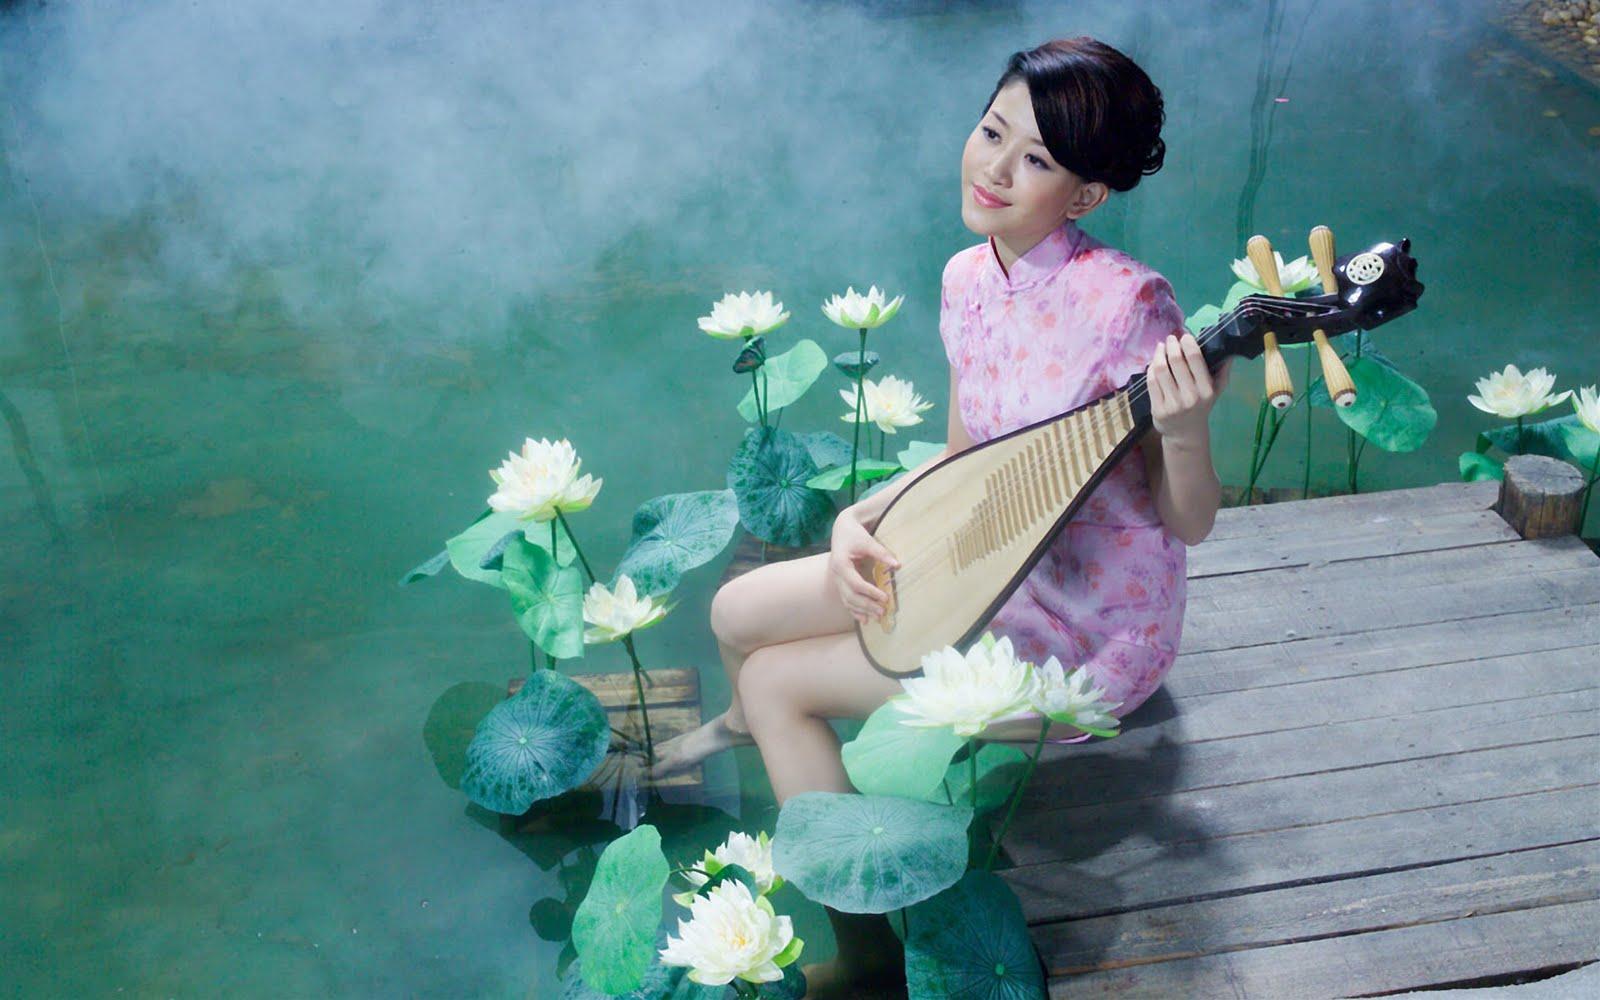 curious wall photos: 35 beautiful asian girls wallpapers